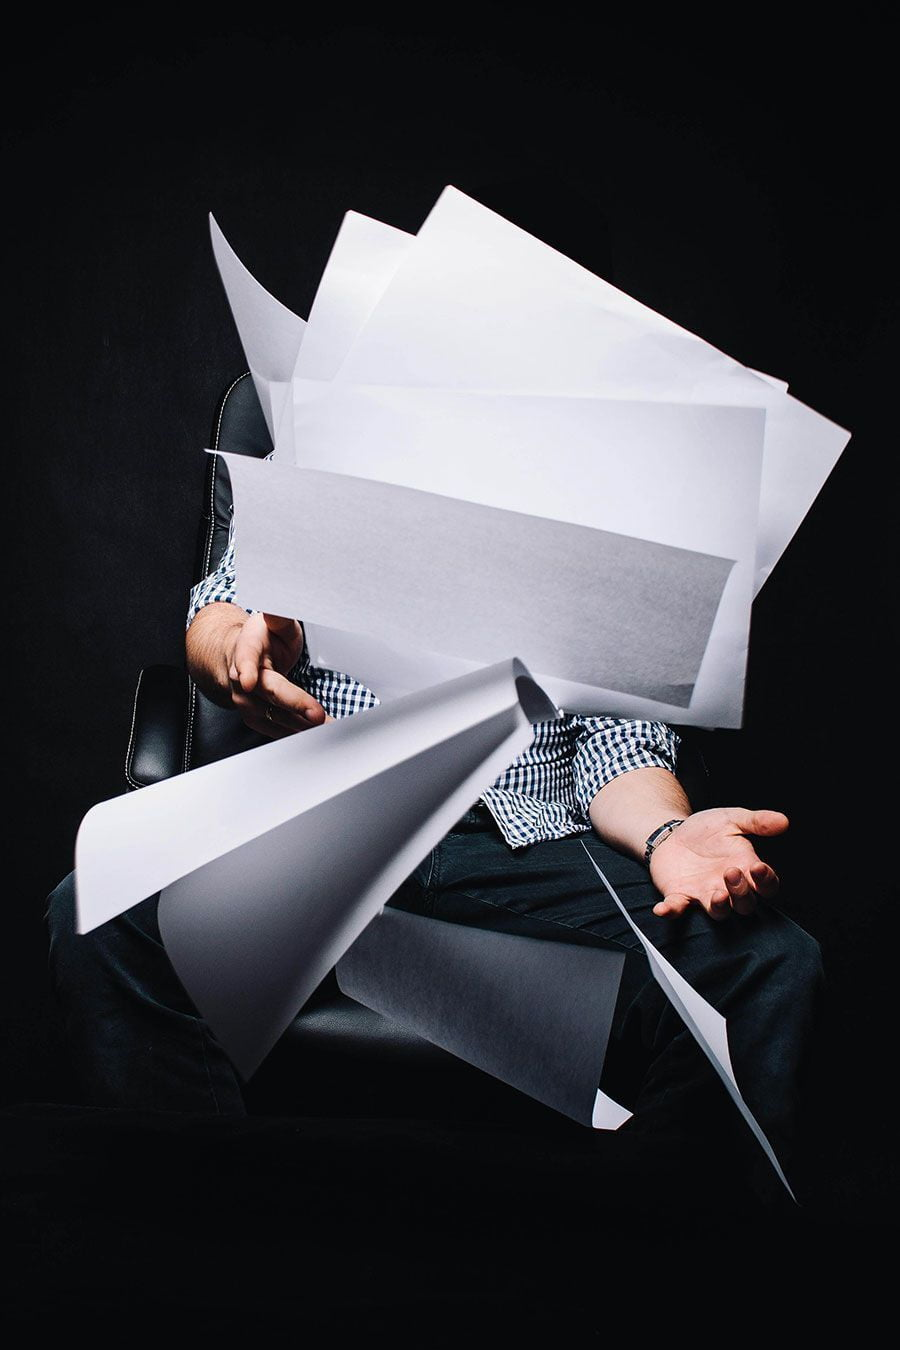 Cartas de amonestación: ¡CUIDADO podrías perder tu trabajo!